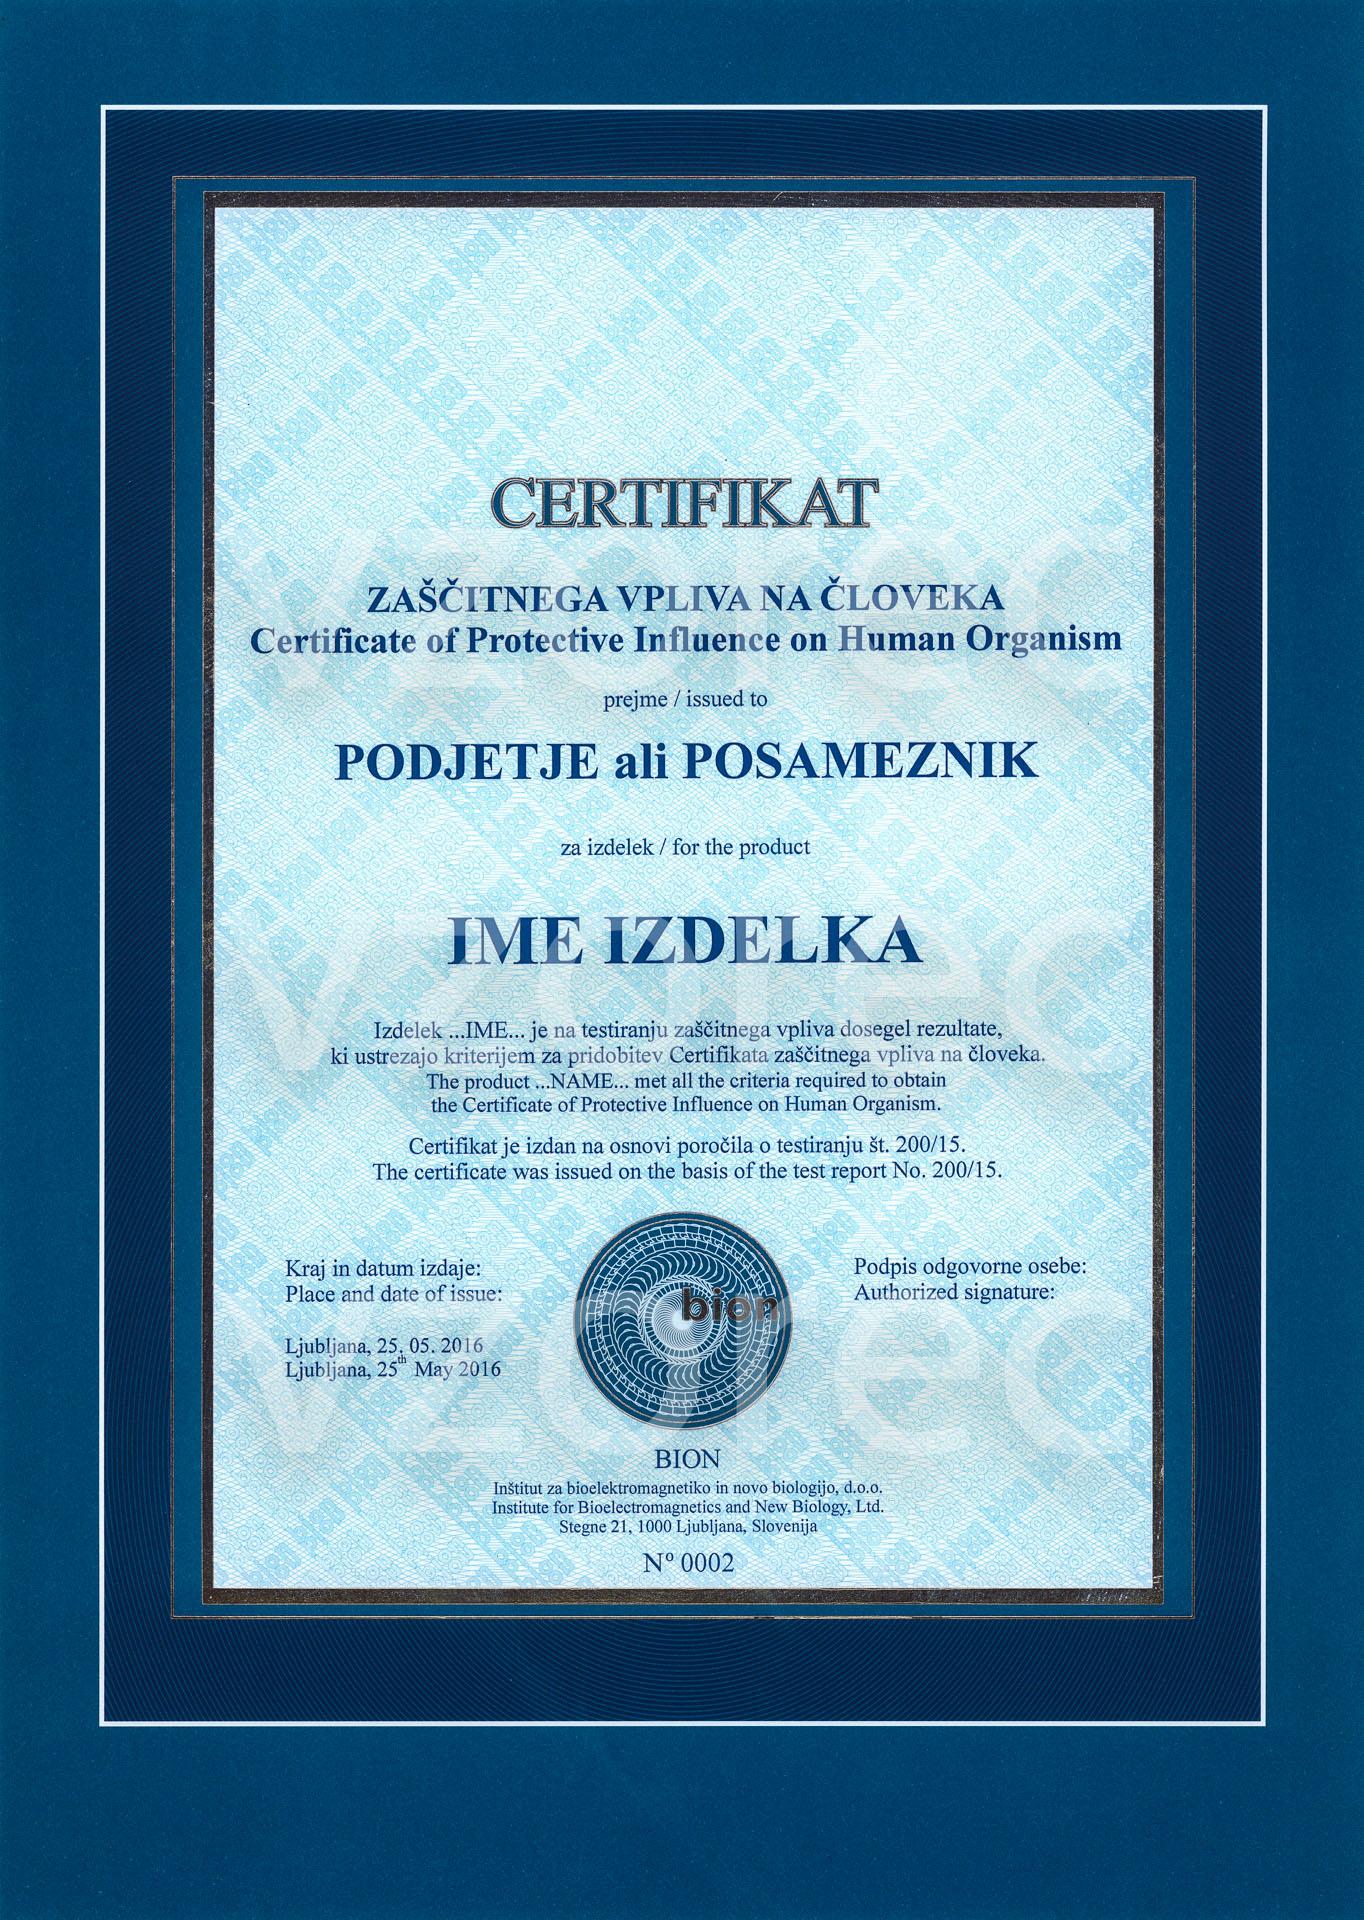 institut_bion_certifikat_zascitnega_vpliva